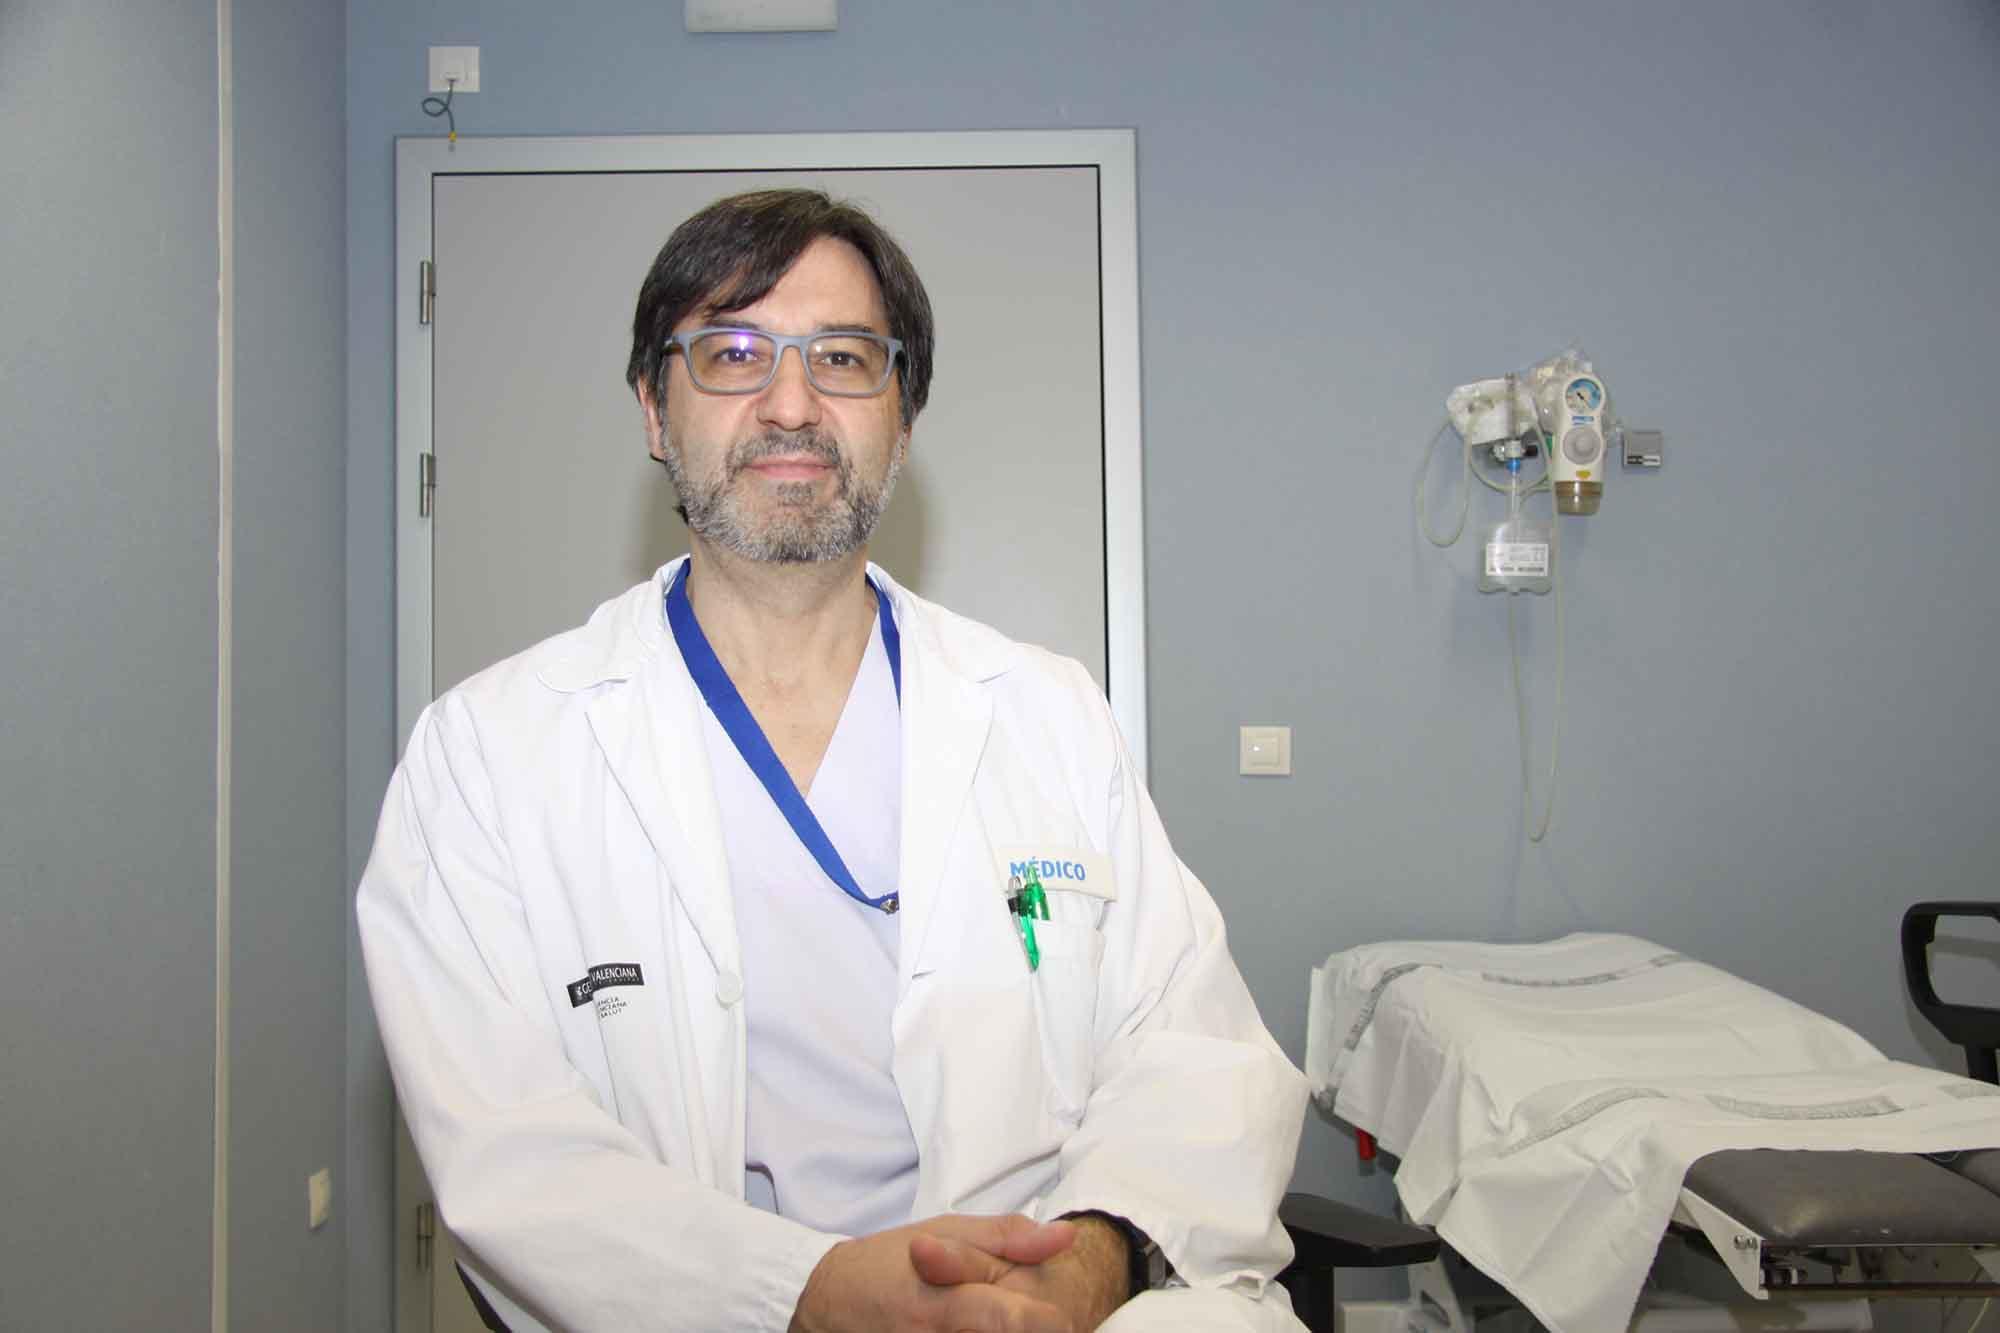 Dr. Arlandis